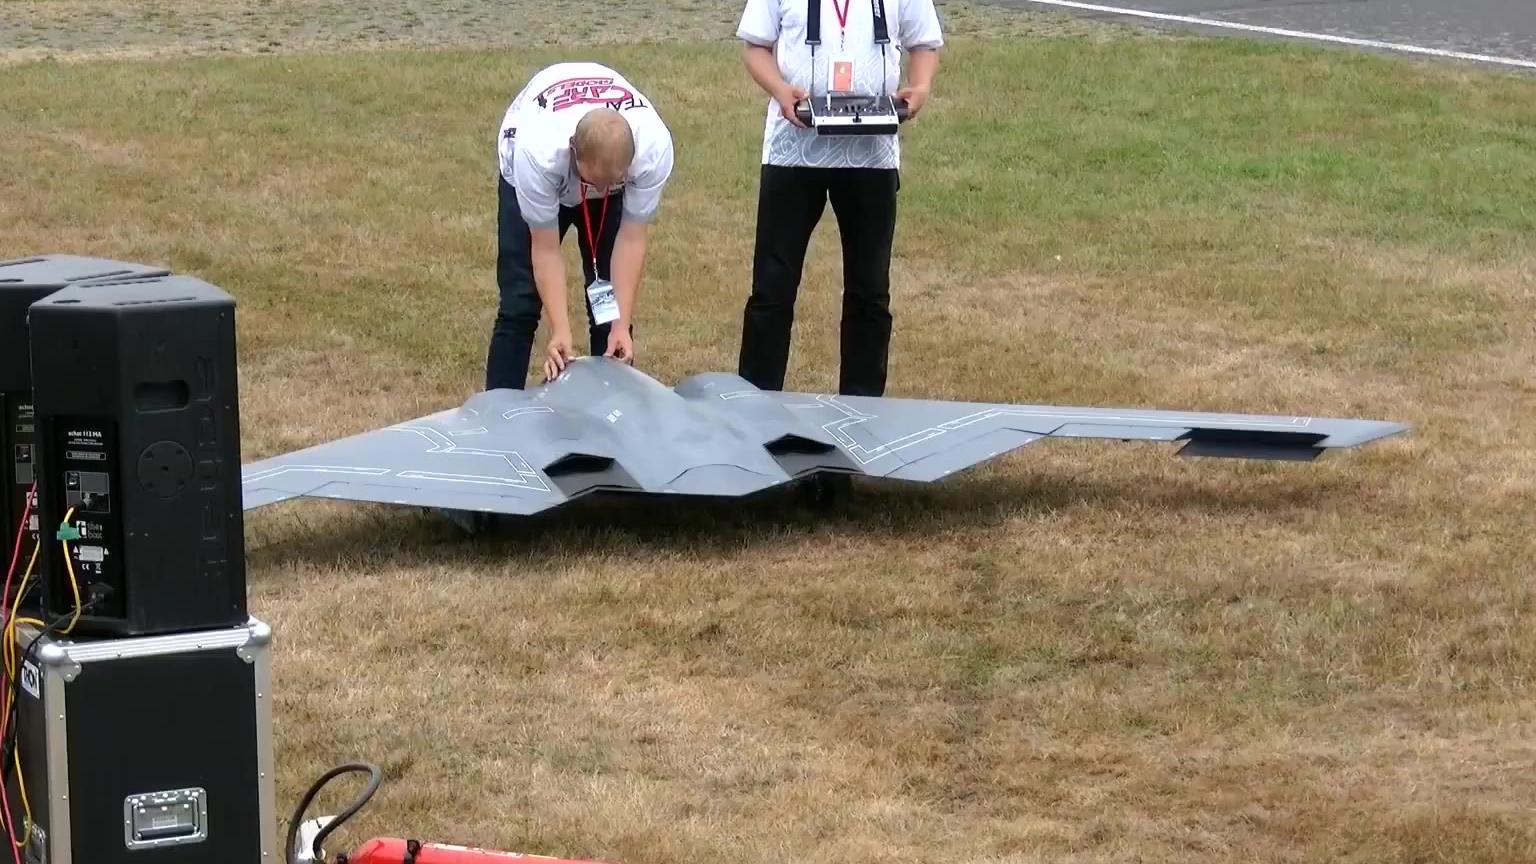 使用涡喷发动机的大比例B-2轰炸机遥控模型,有意思